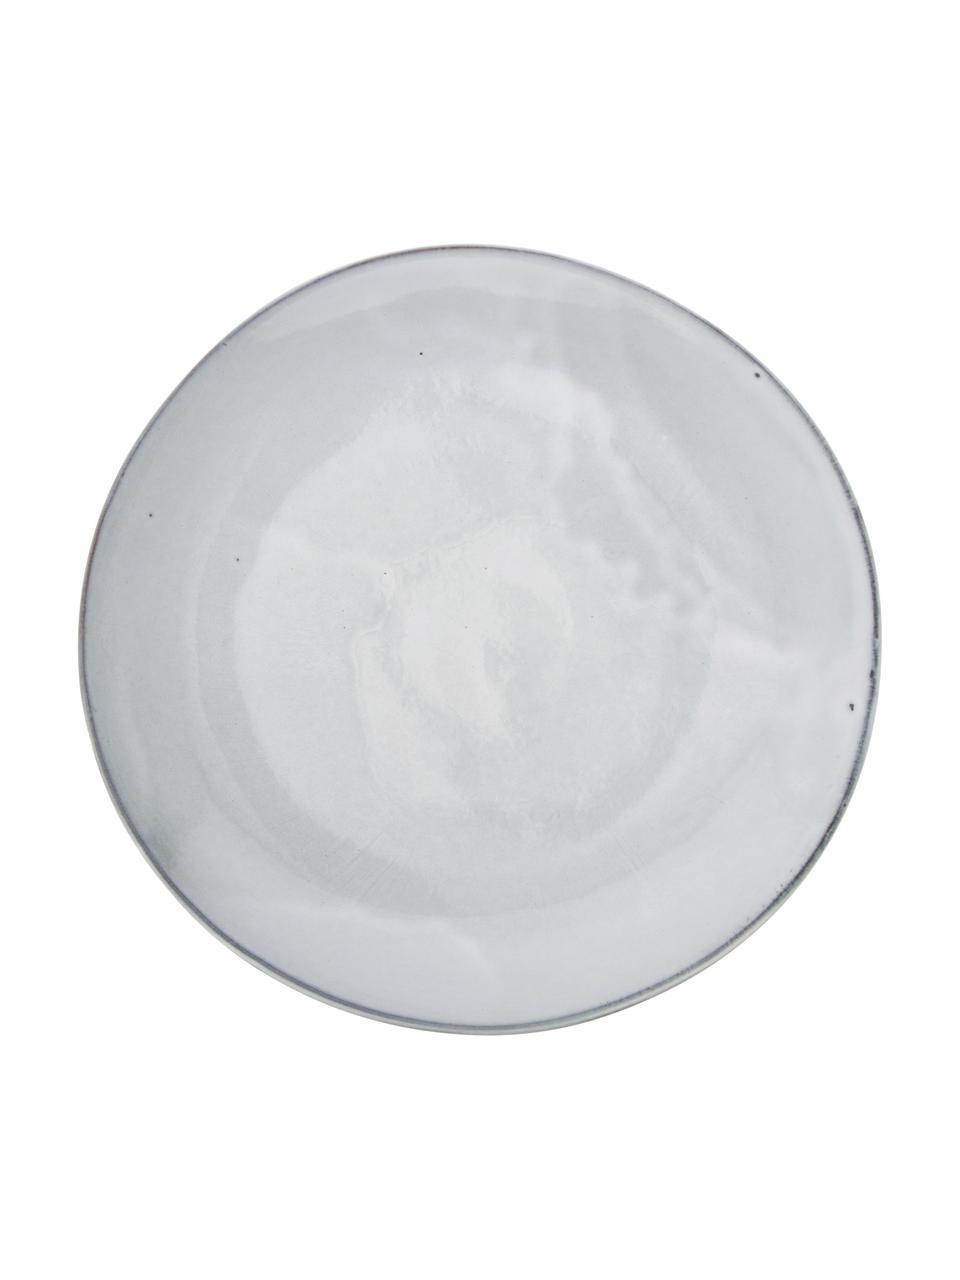 Handgemachte Speiseteller Thalia in Blaugrau, 2 Stück, Steingut, Blaugrau, Ø 27 cm